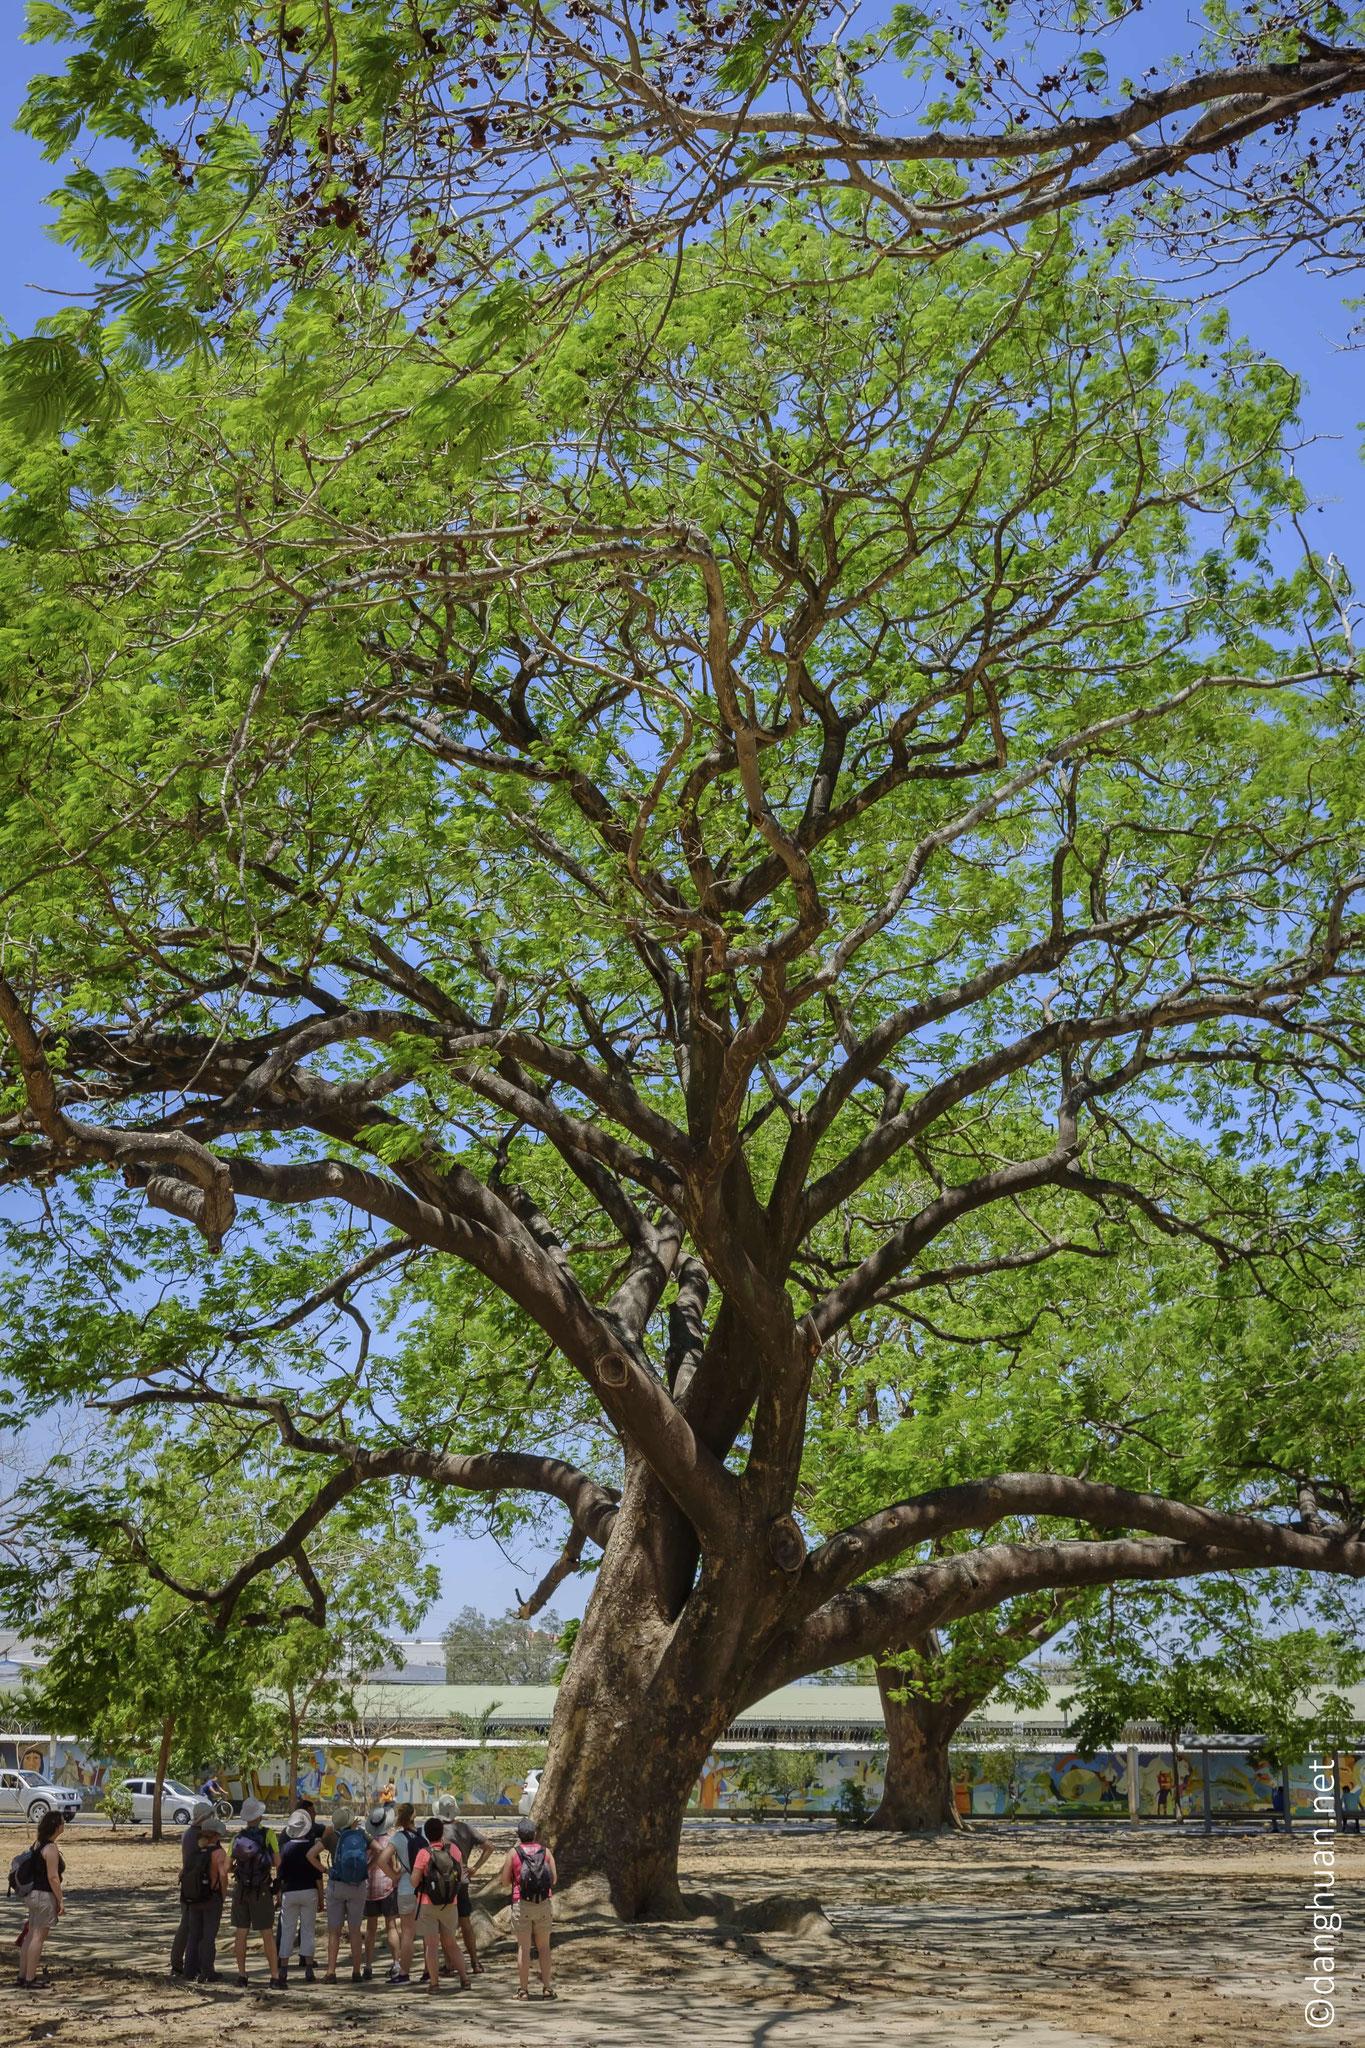 L'arbre guanacaste est un emblème national du Costa Rica